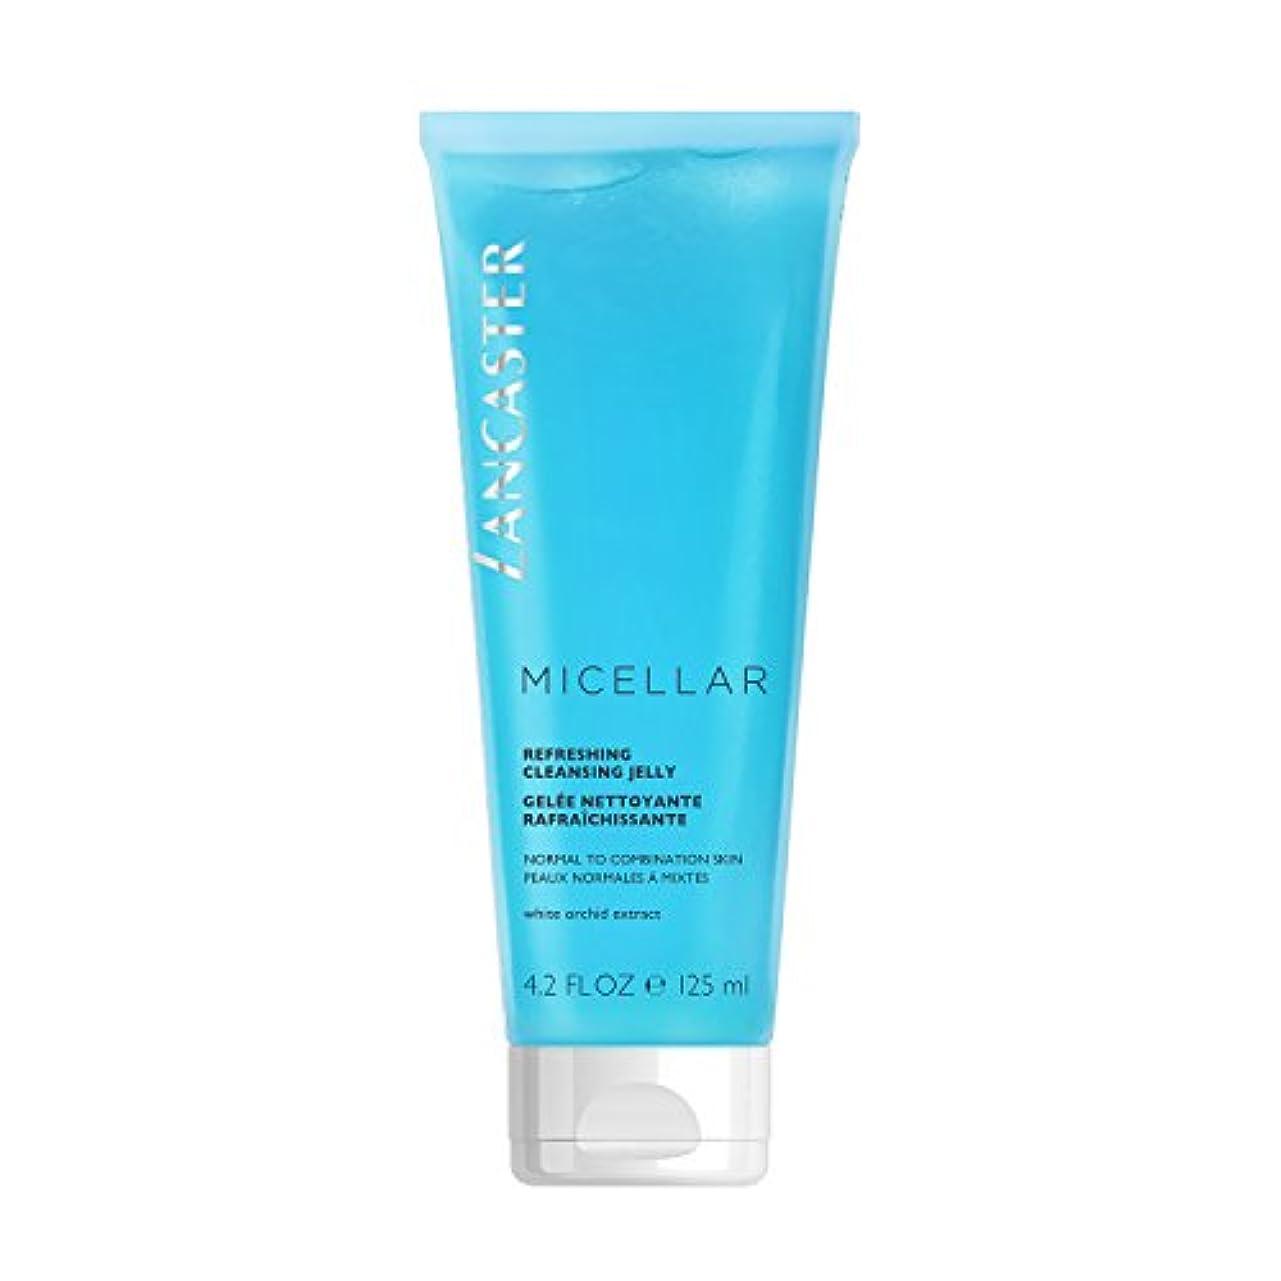 付添人あいにく困ったランカスター Micellar Refreshing Cleansing Jelly - Normal to Combination Skin, Including Sensitive Skin 125ml/4.2oz並行輸入品